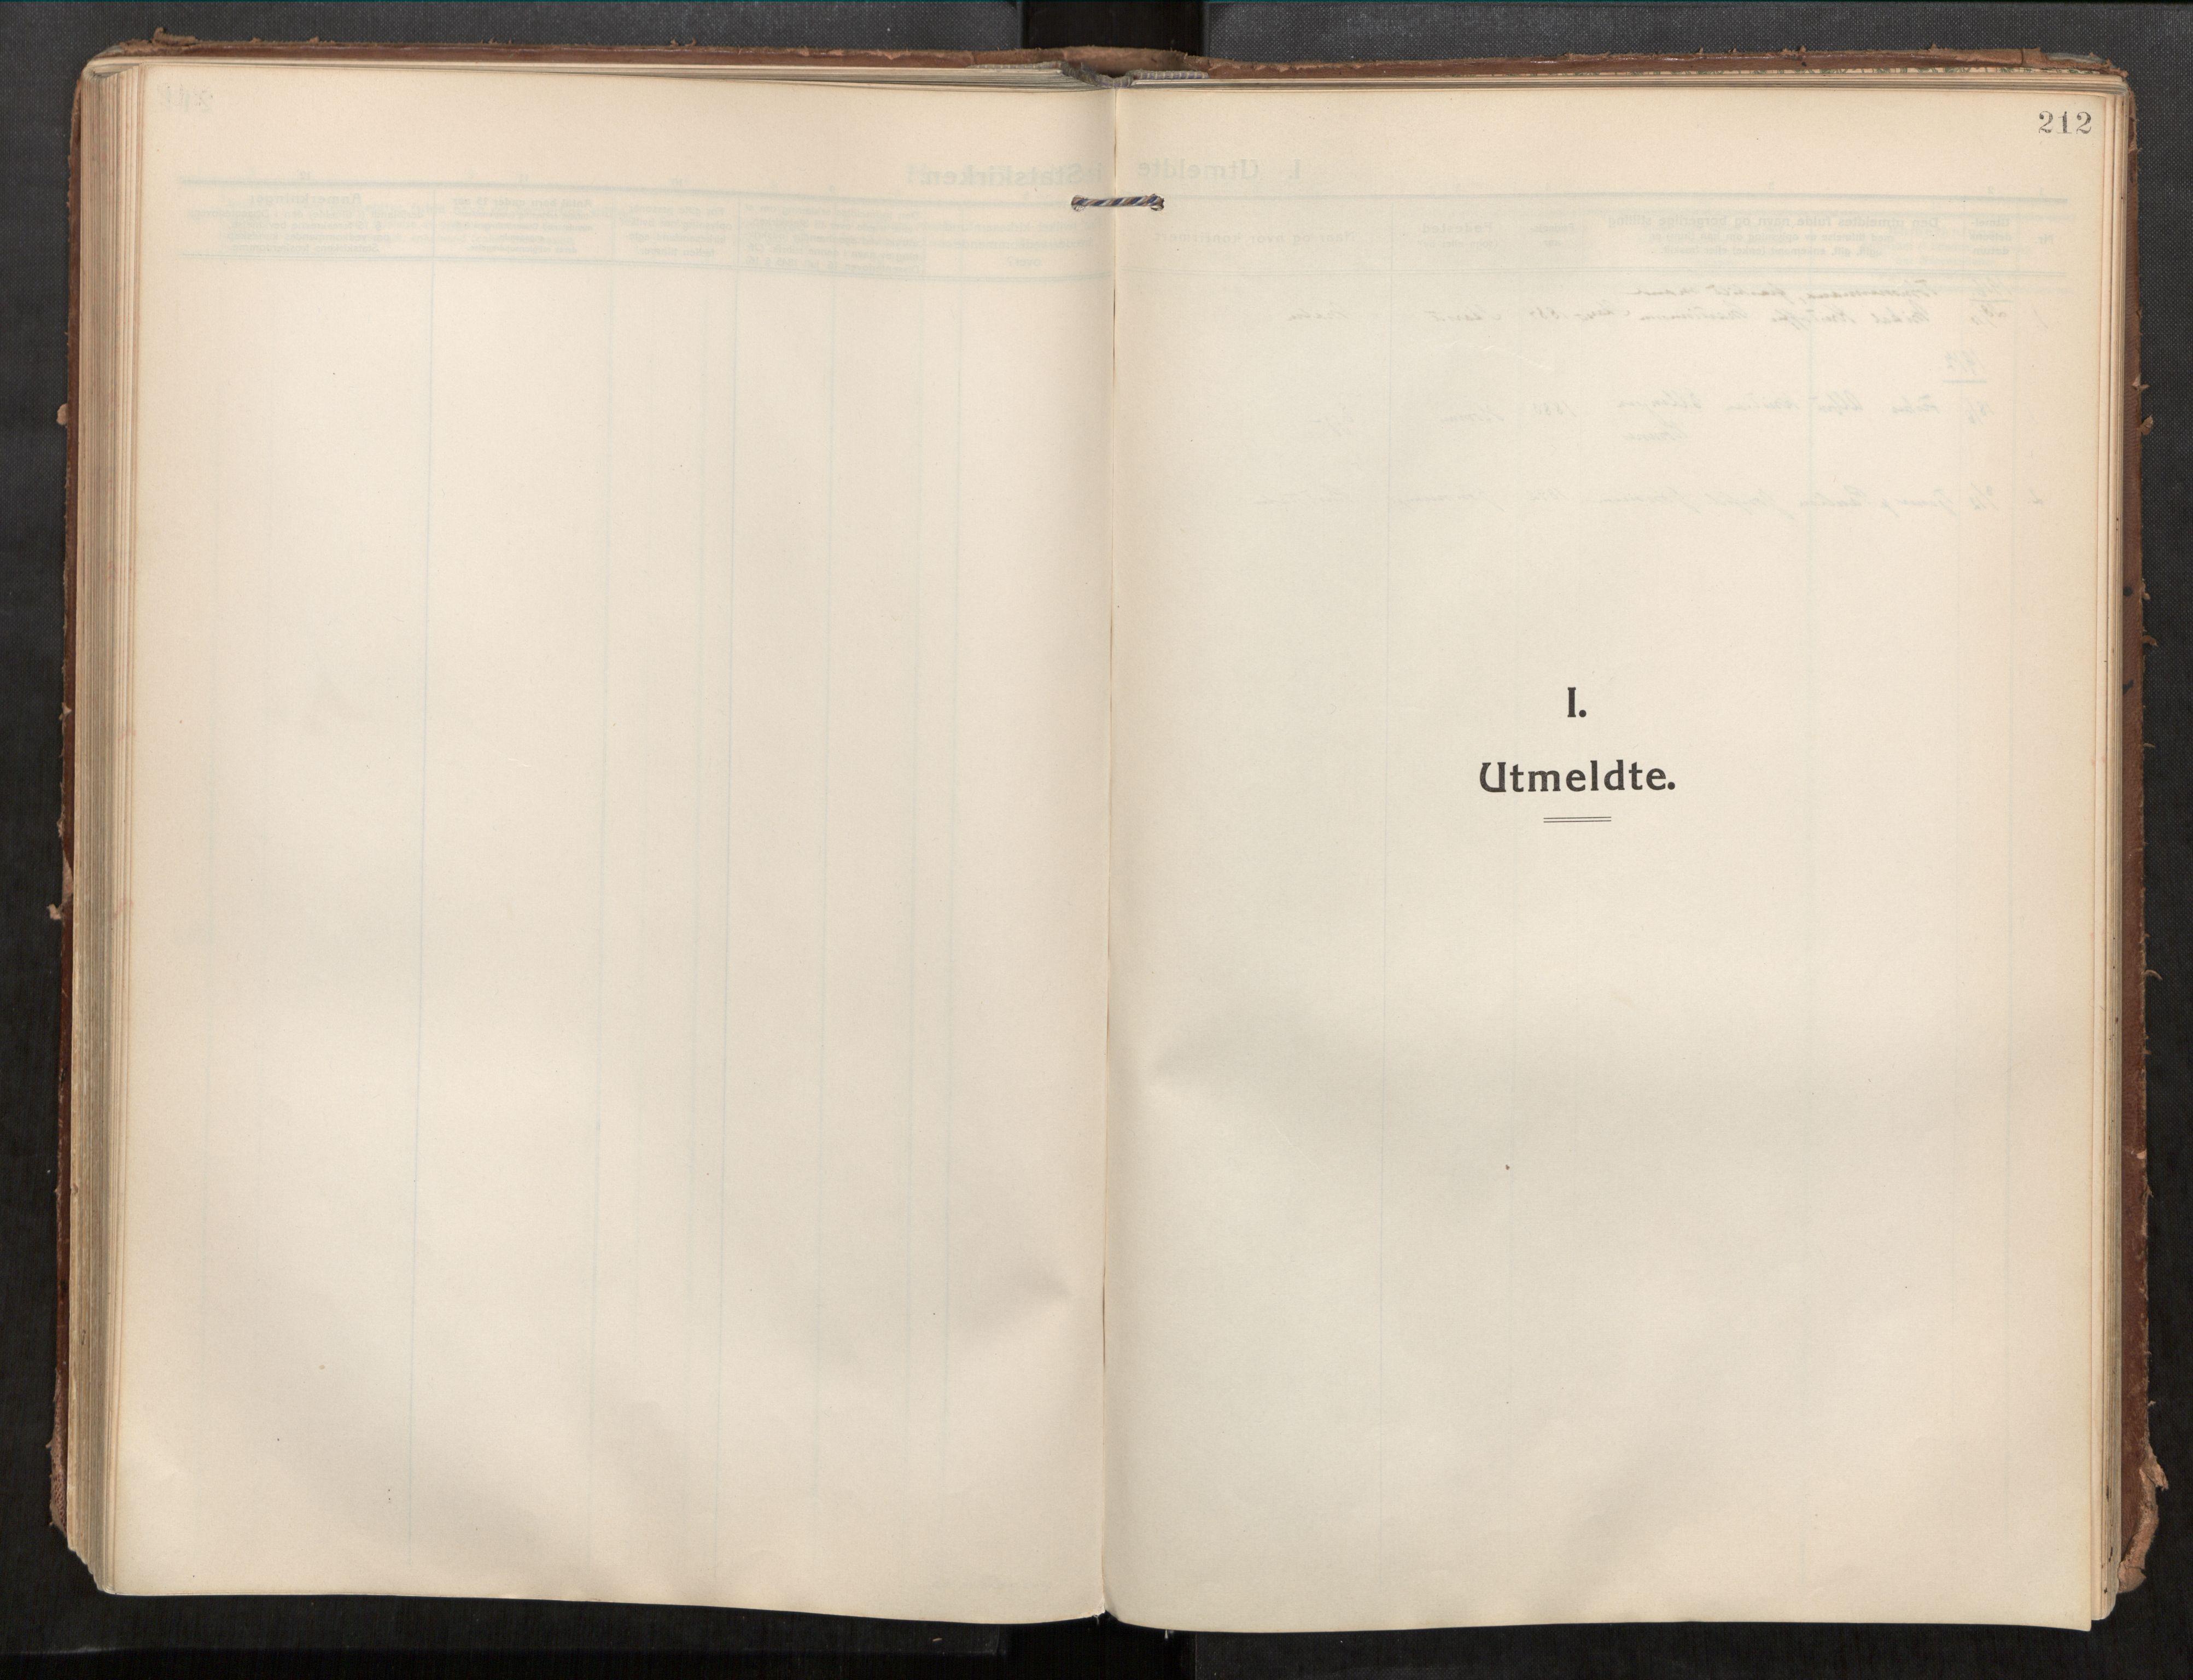 SAT, Beitstad sokneprestkontor, I/I1/I1a/L0001: Ministerialbok nr. 1, 1912-1927, s. 212